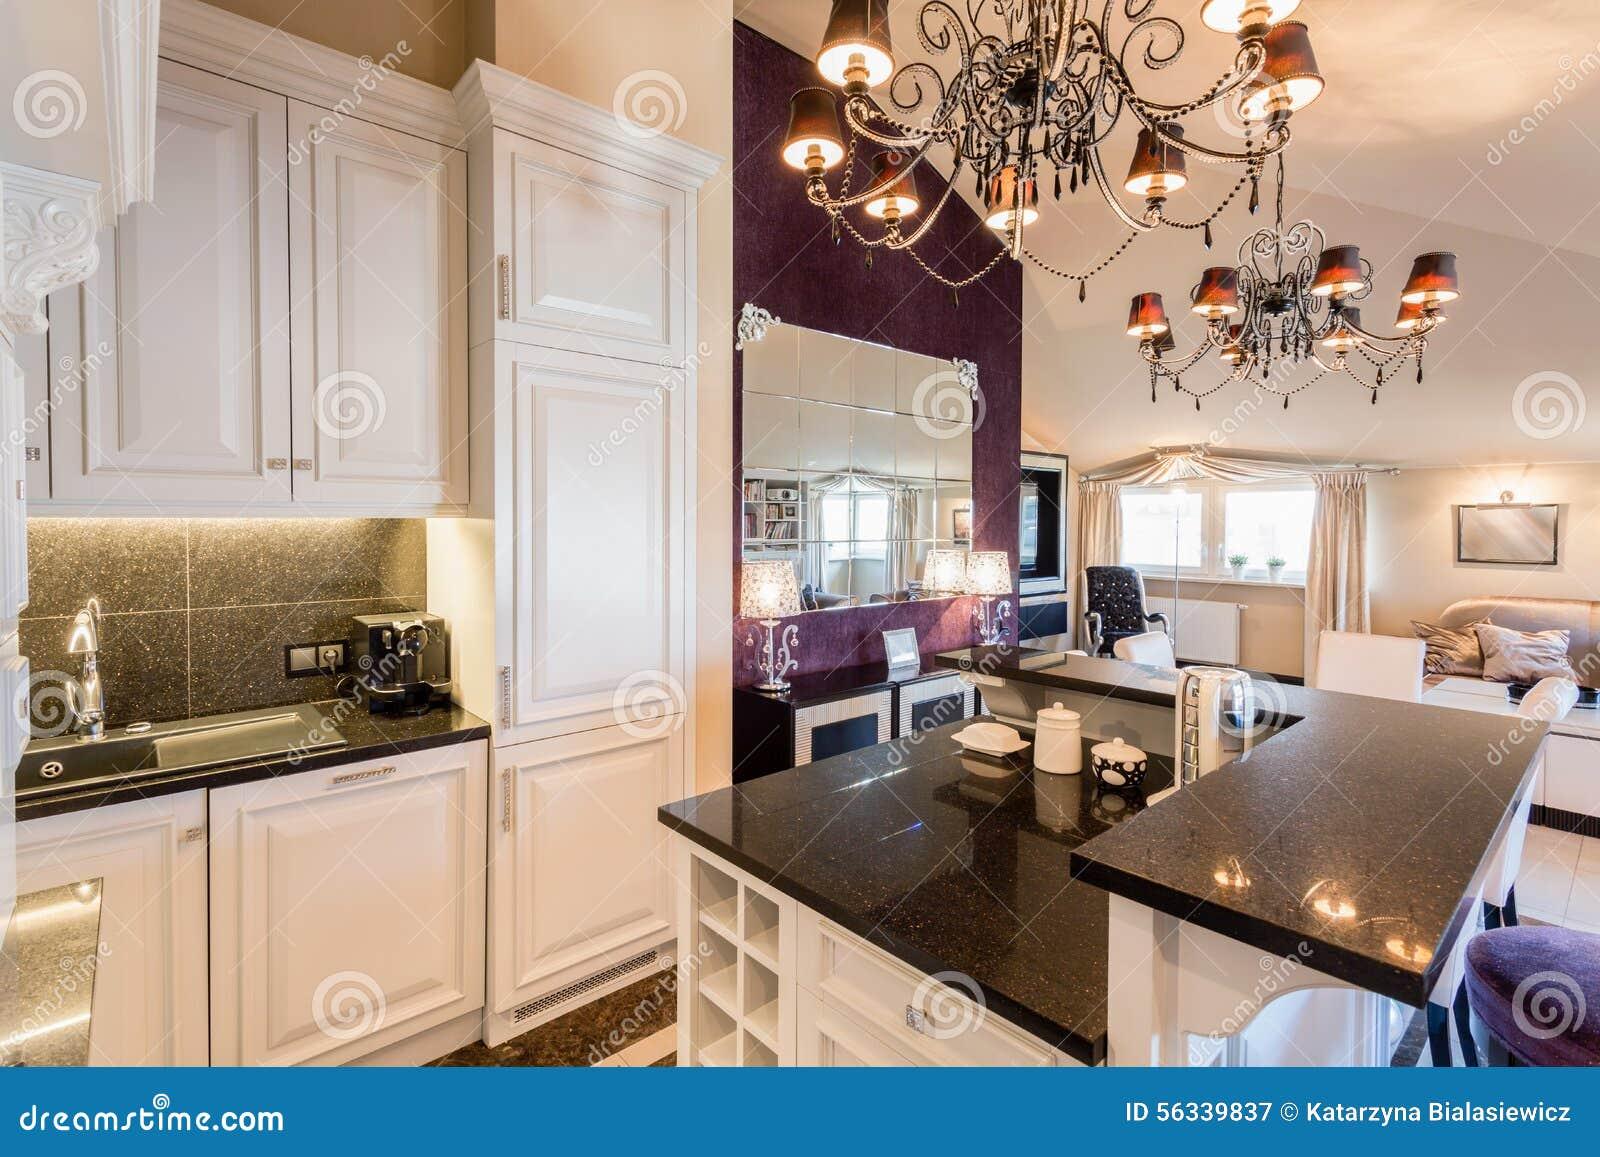 Cocina Barroca En El Apartamento Enorme Imagen De Archivo Imagen  # Keuken Muebles De Cocina